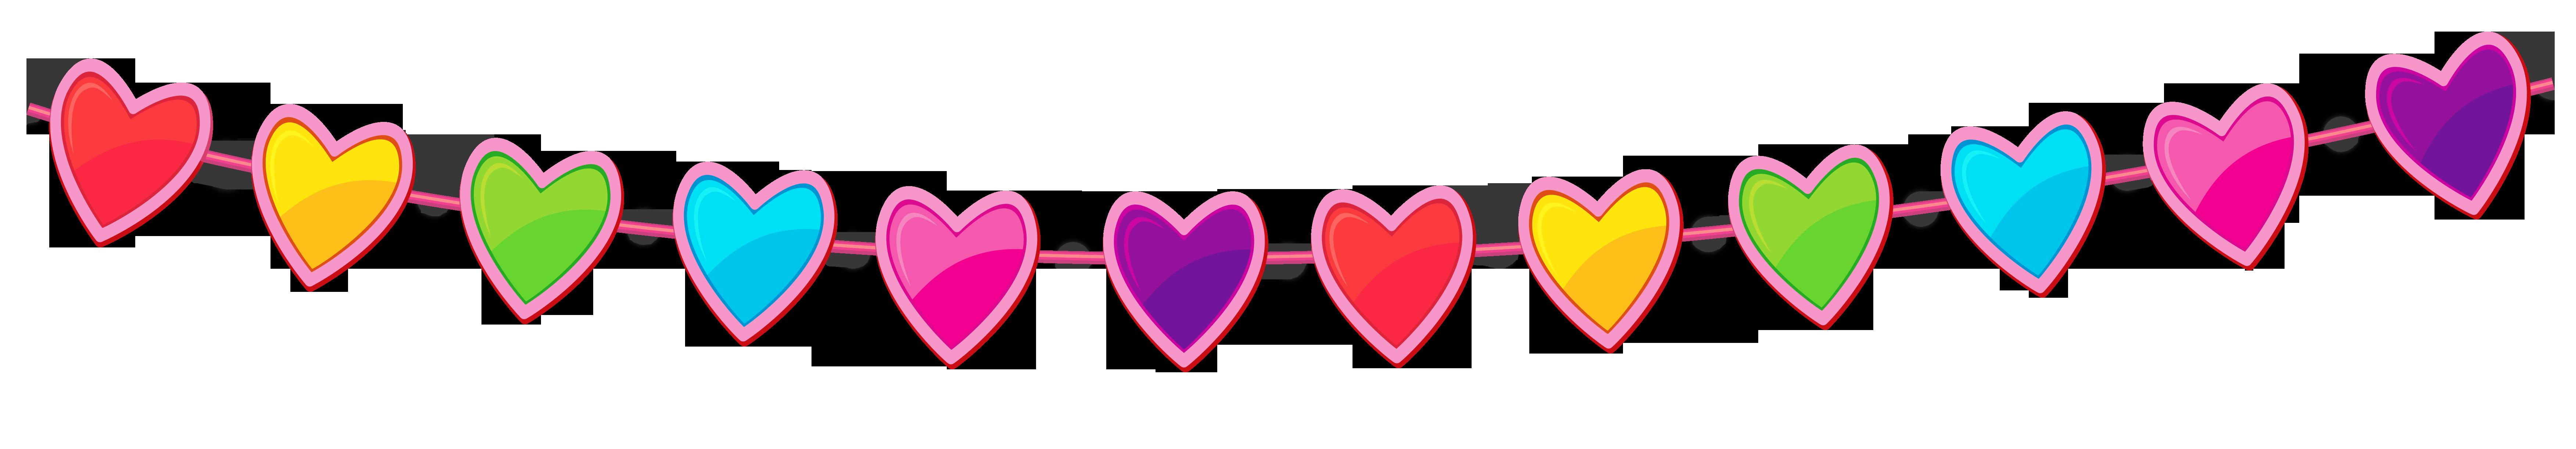 Heart Banner Clipart Transparent.